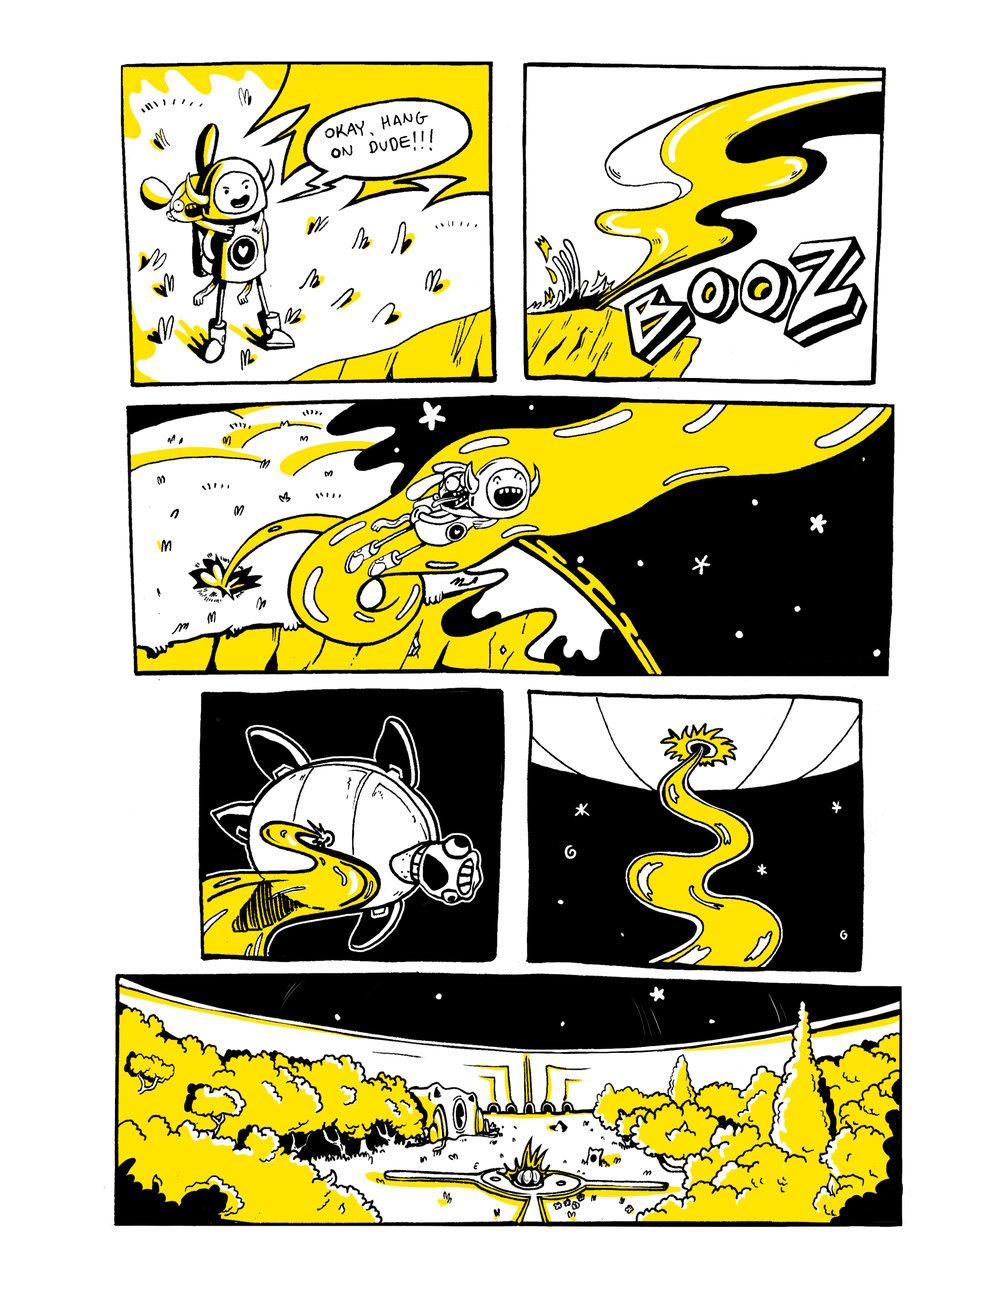 ComicPage3.jpg